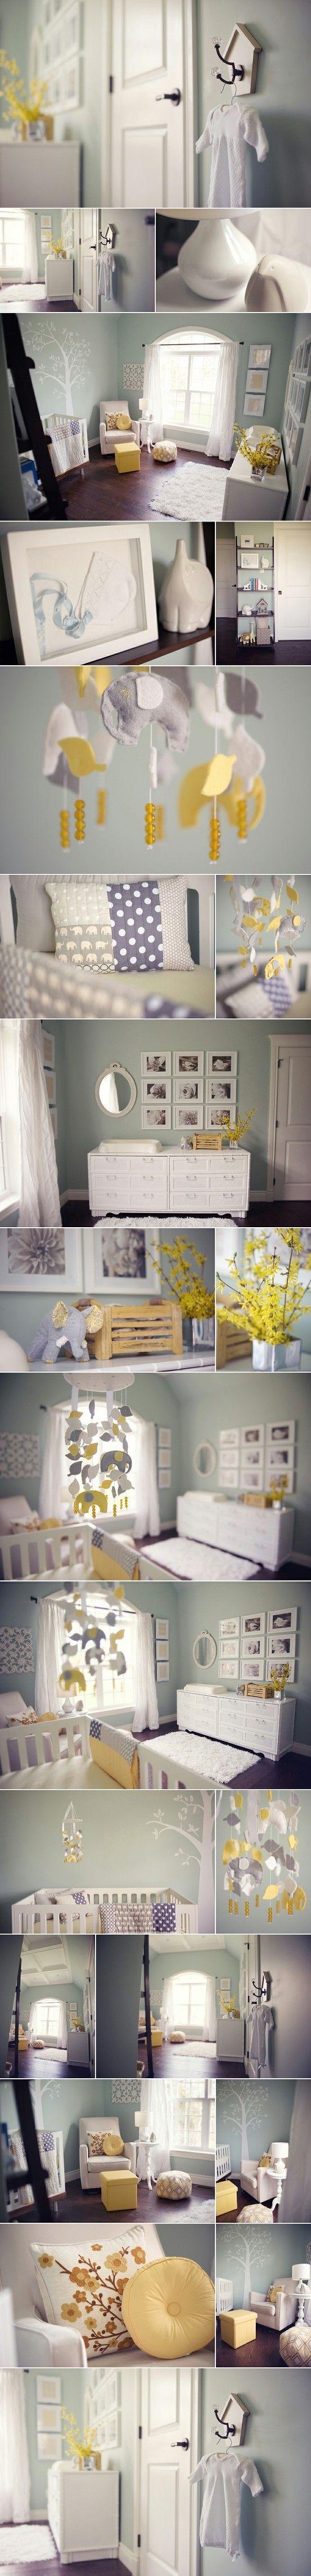 Chambre de bébé dans des tons très tendance. En jaune et gris. - Nursery in shades trendy. Yellow and gray.